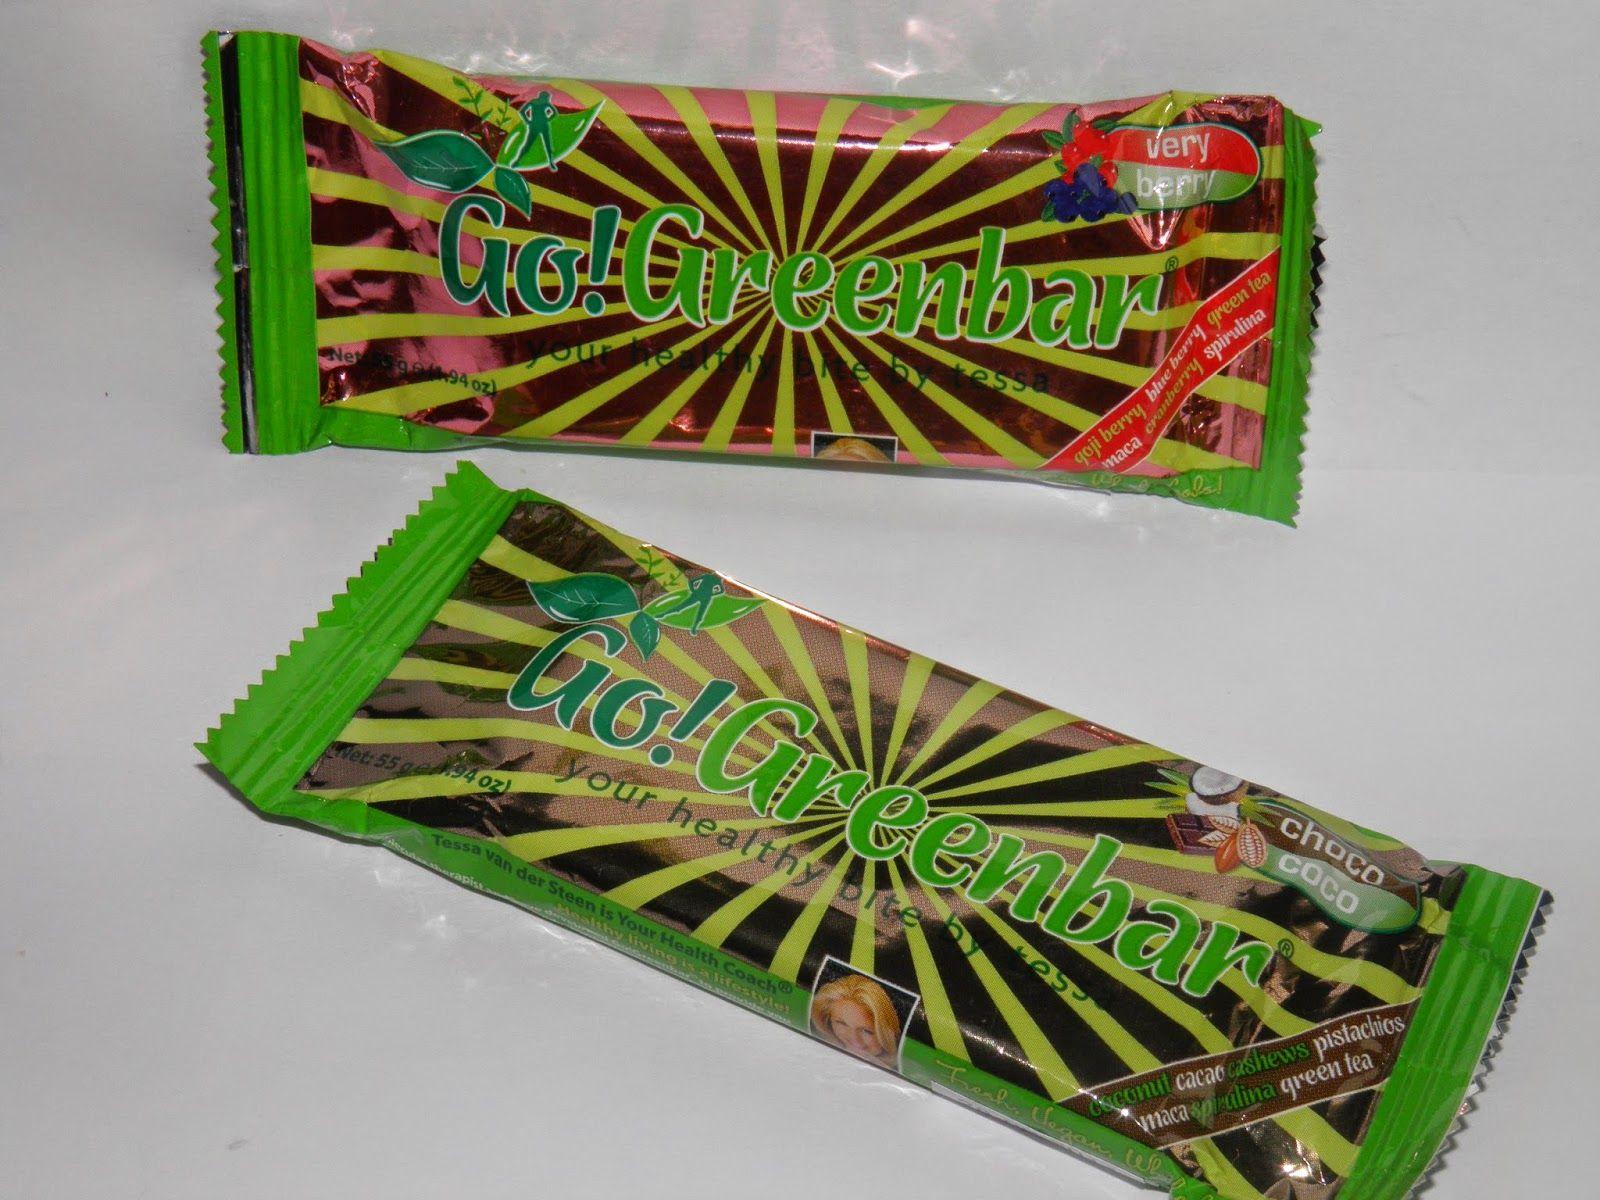 Heel gewoon dagelijks ...: Geproefd: Go! Green bar!